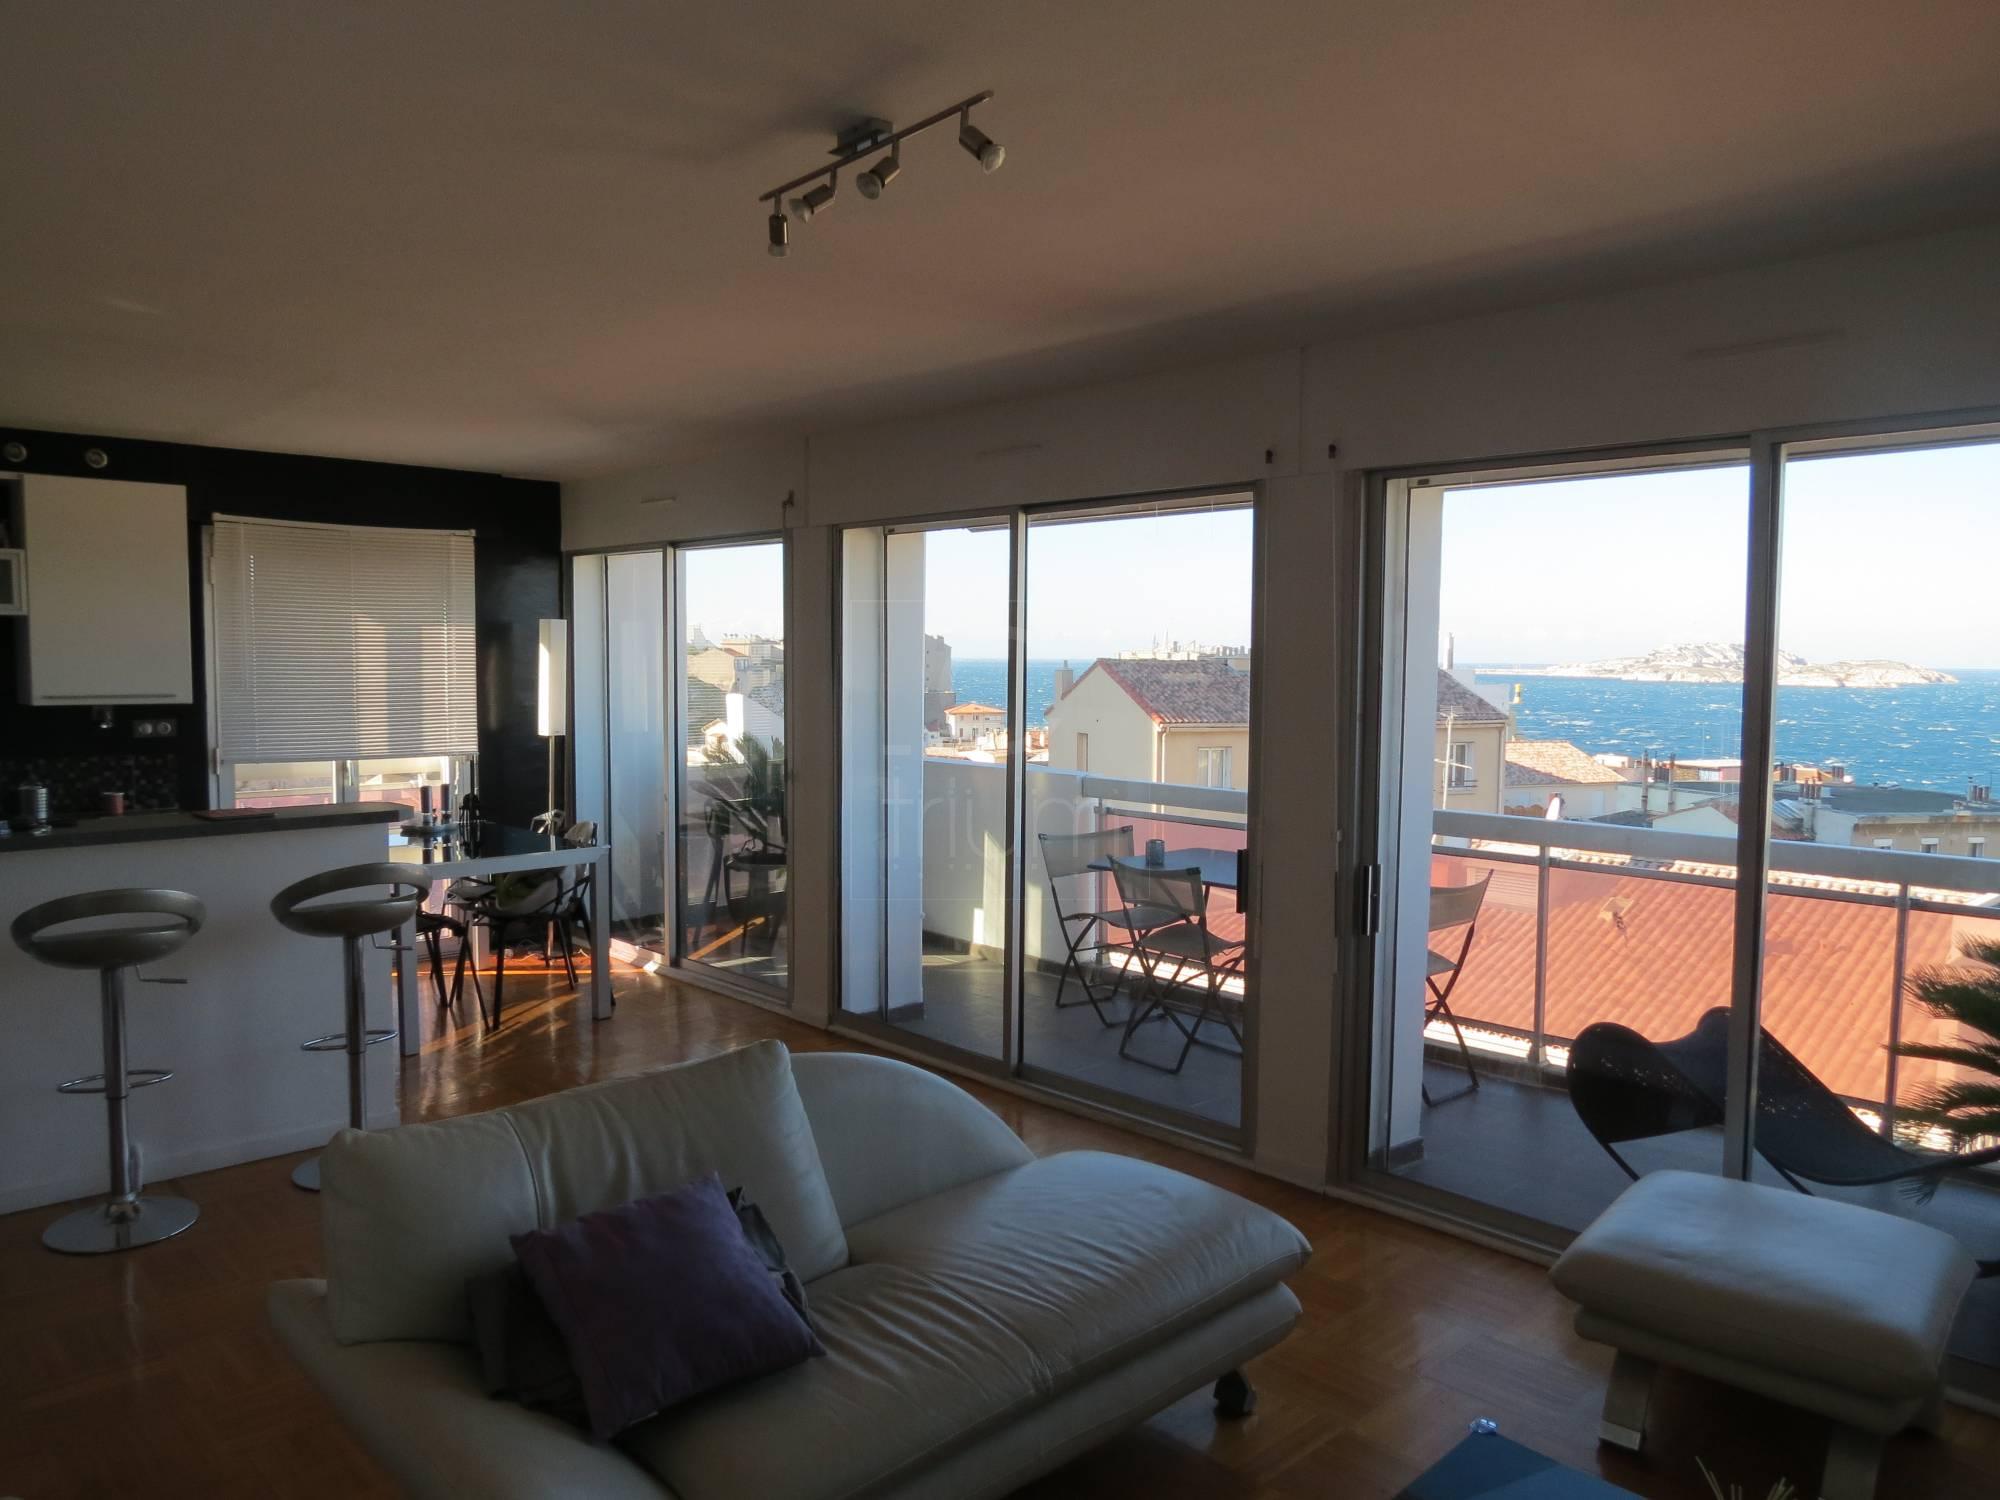 Acheter un appartement: Opter pour le meilleur investissement